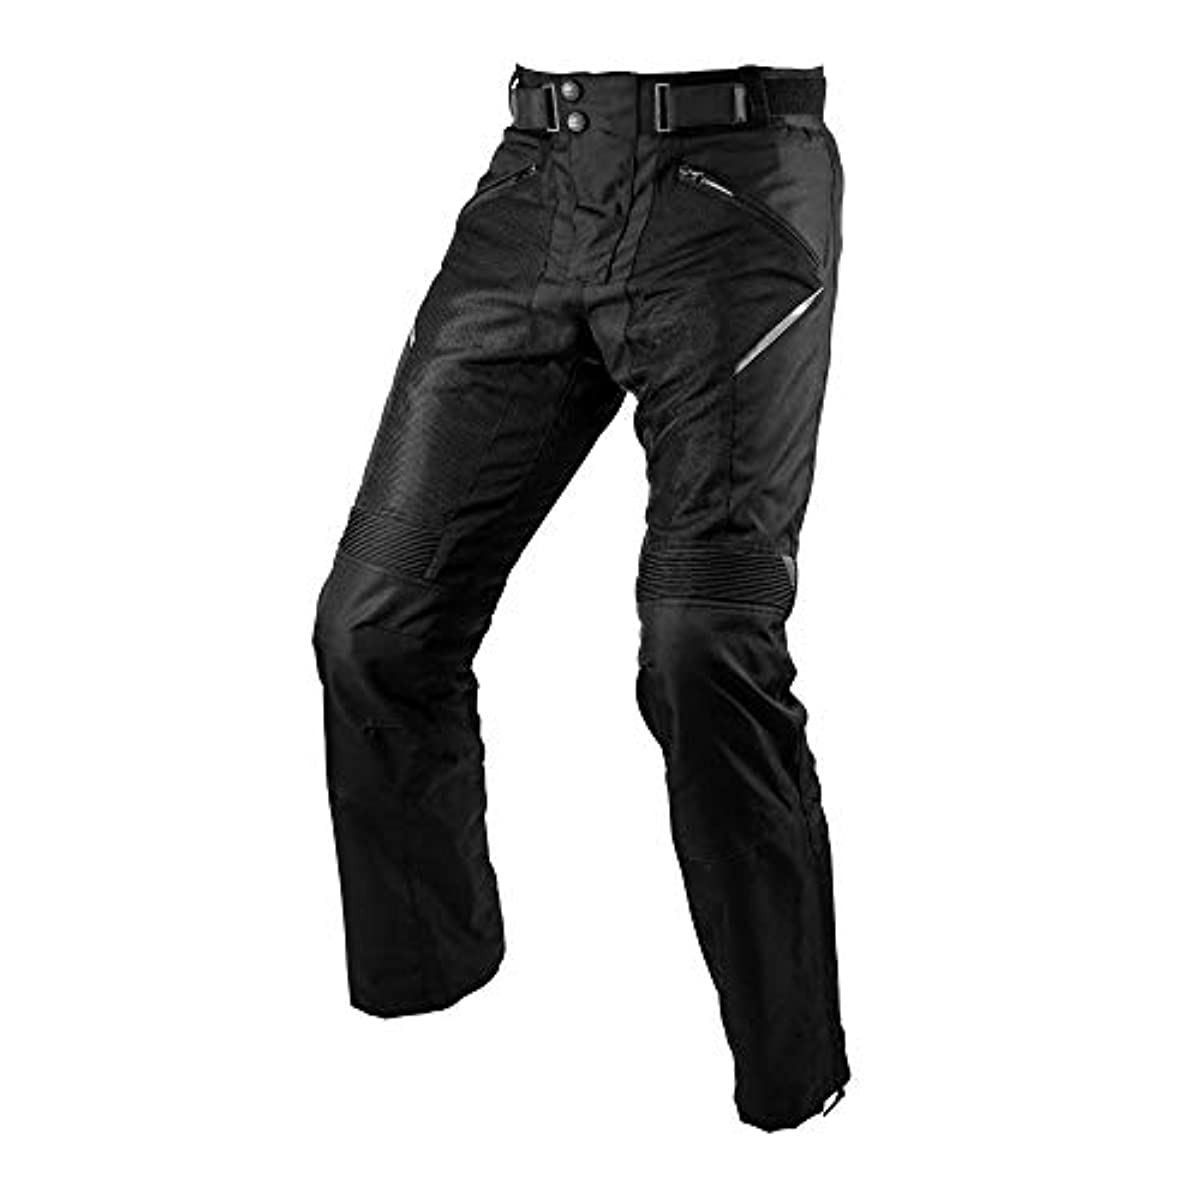 [해외] 코미네(KOMINE) 오토바이용 라이딩 팬츠 프로텍트 메쉬 팬츠 BLACK L PK-743 07-743